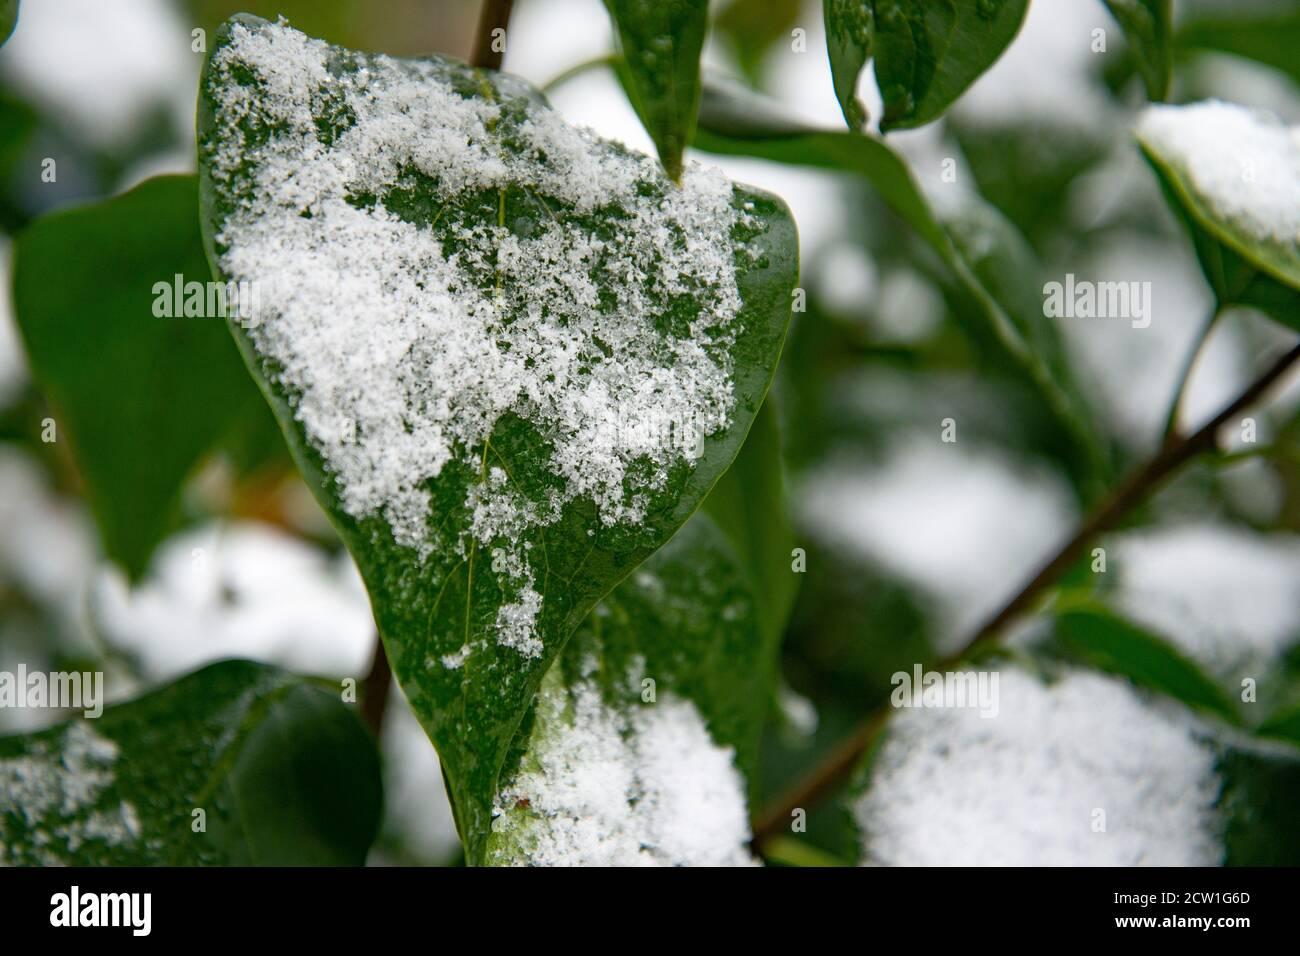 Coup de froid soudain. Les feuilles vertes des arbres sont recouvertes de neige Banque D'Images